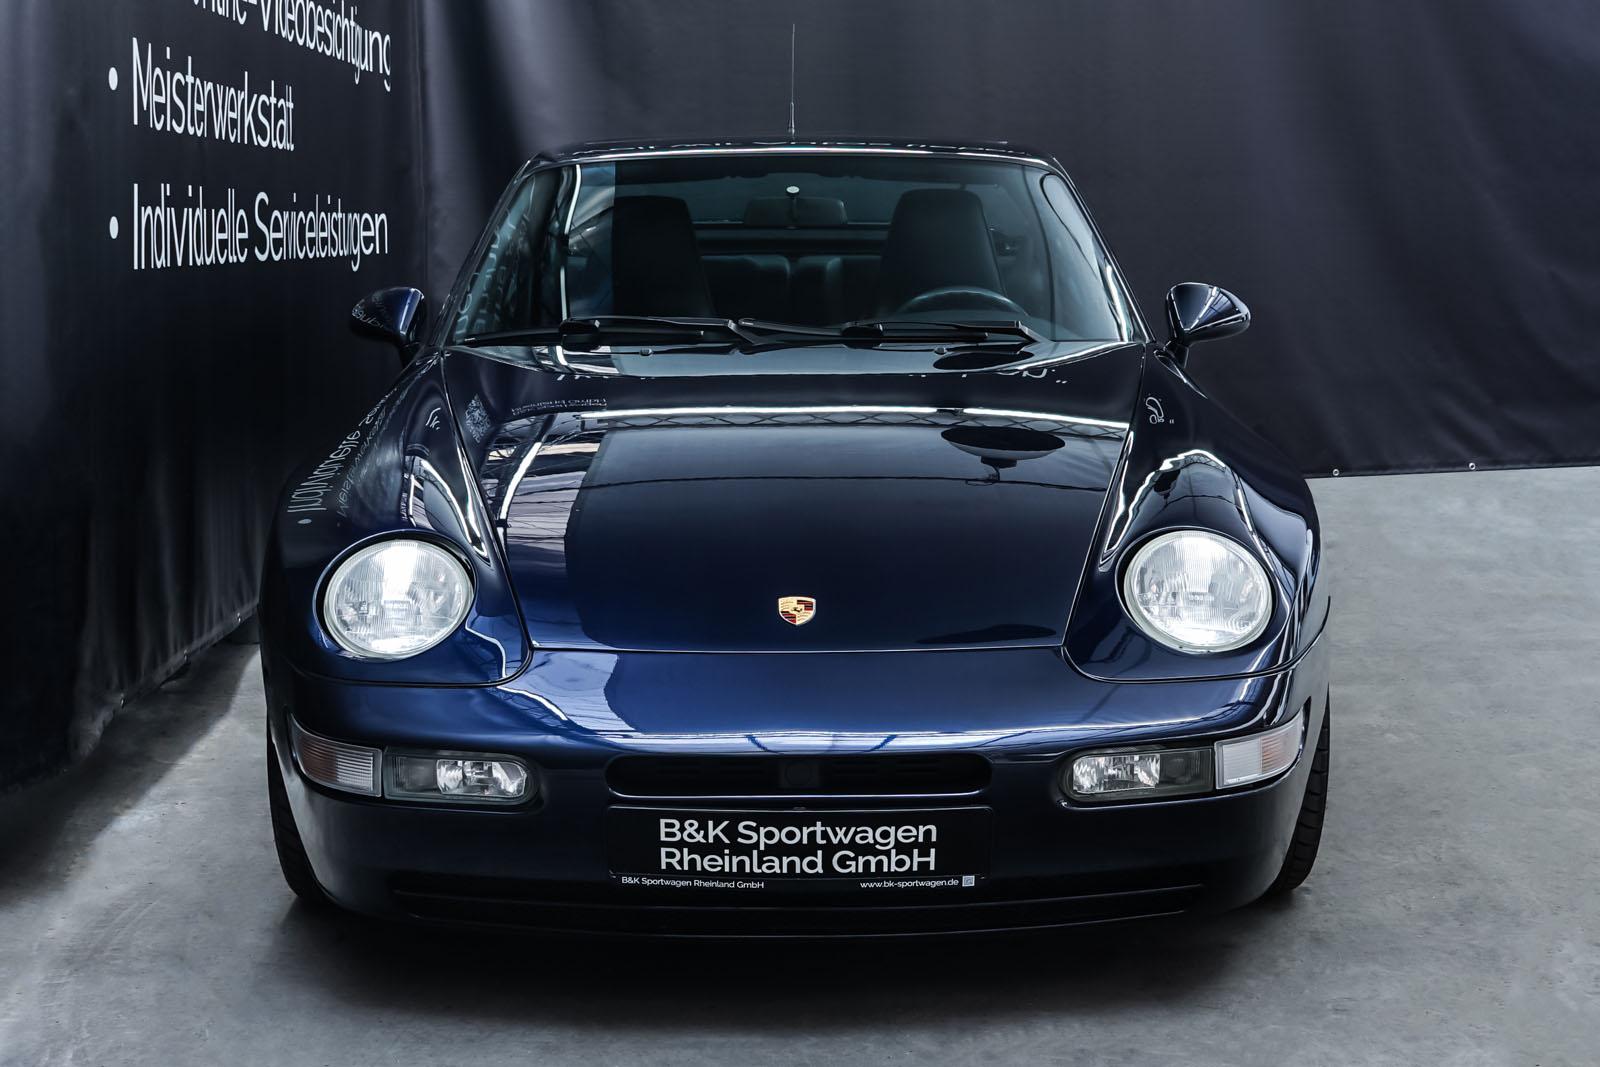 Porsche_968_Blau_Blau_POR-1736_1_w